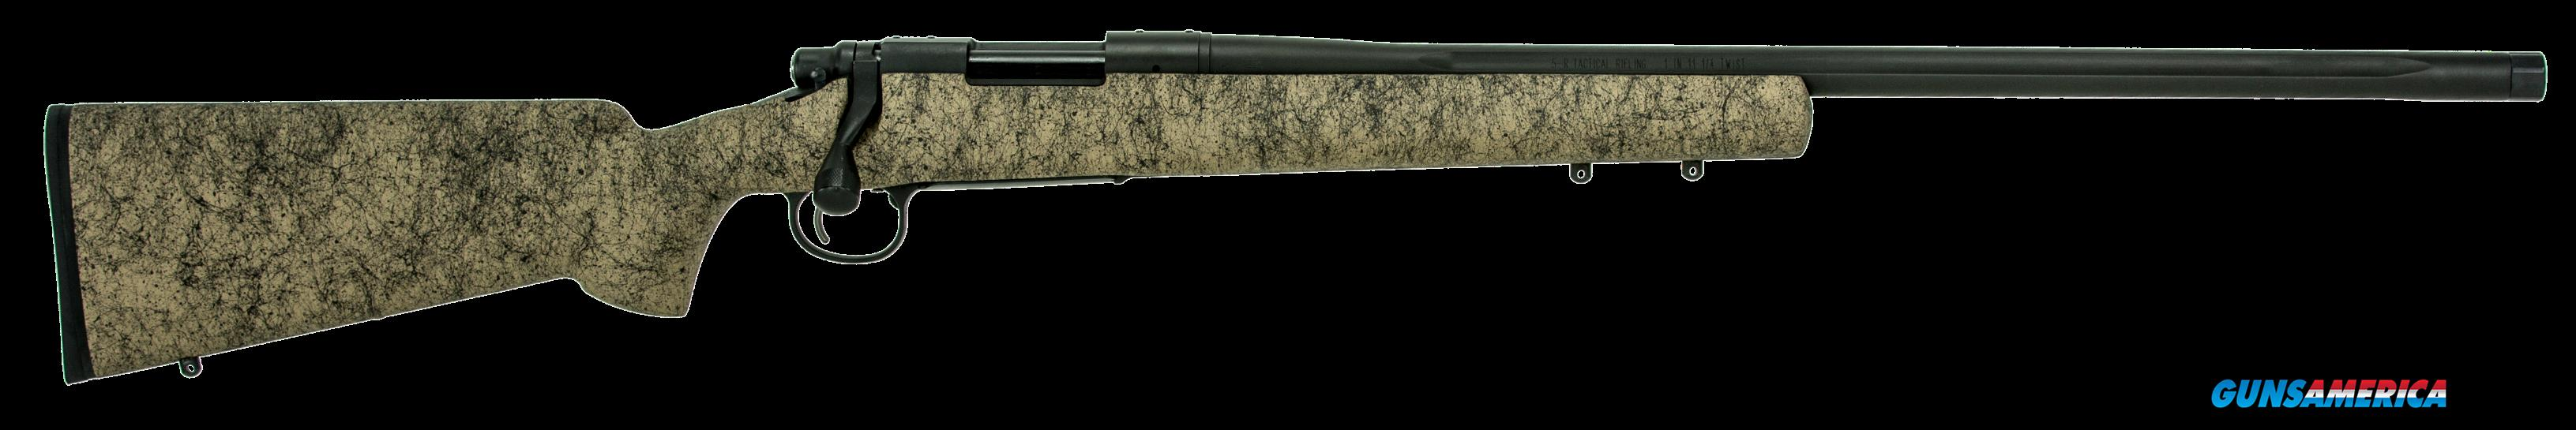 Remington Firearms 700, Rem.85198 700 Ss 5r 6.5 24 Tb Hs Blk  Guns > Pistols > 1911 Pistol Copies (non-Colt)